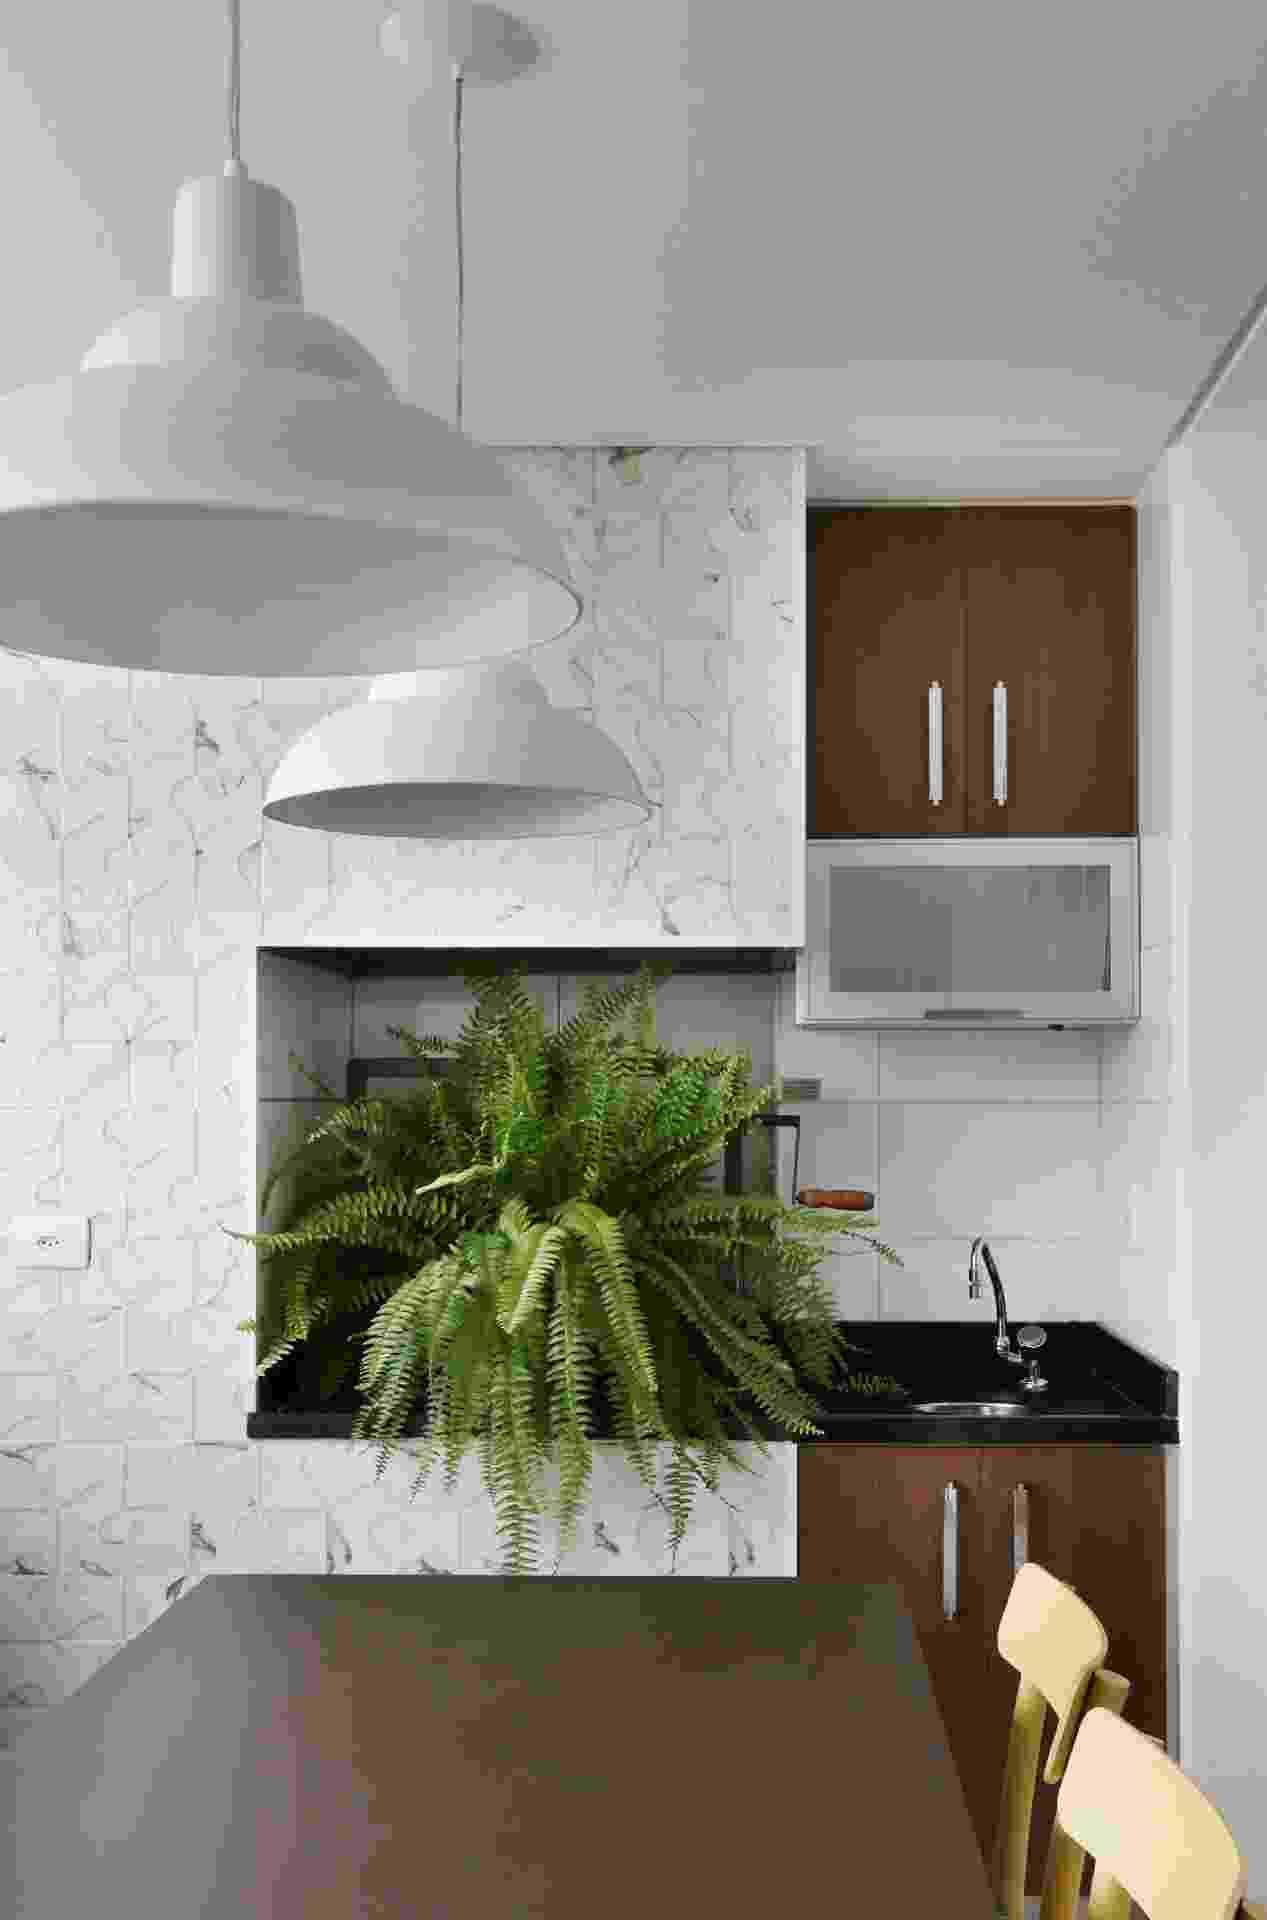 Nesta varanda com 7,5 m², a arquiteta Anna Parisi planejou um ambiente gourmet com churrasqueira que pode ser usado também como uma sala de refeições rápidas. Em uma sacada pequena prefira os tons claros, porque eles ajudam a aumentar a sensação de amplitude - Mariana Orsi/ Divulgação